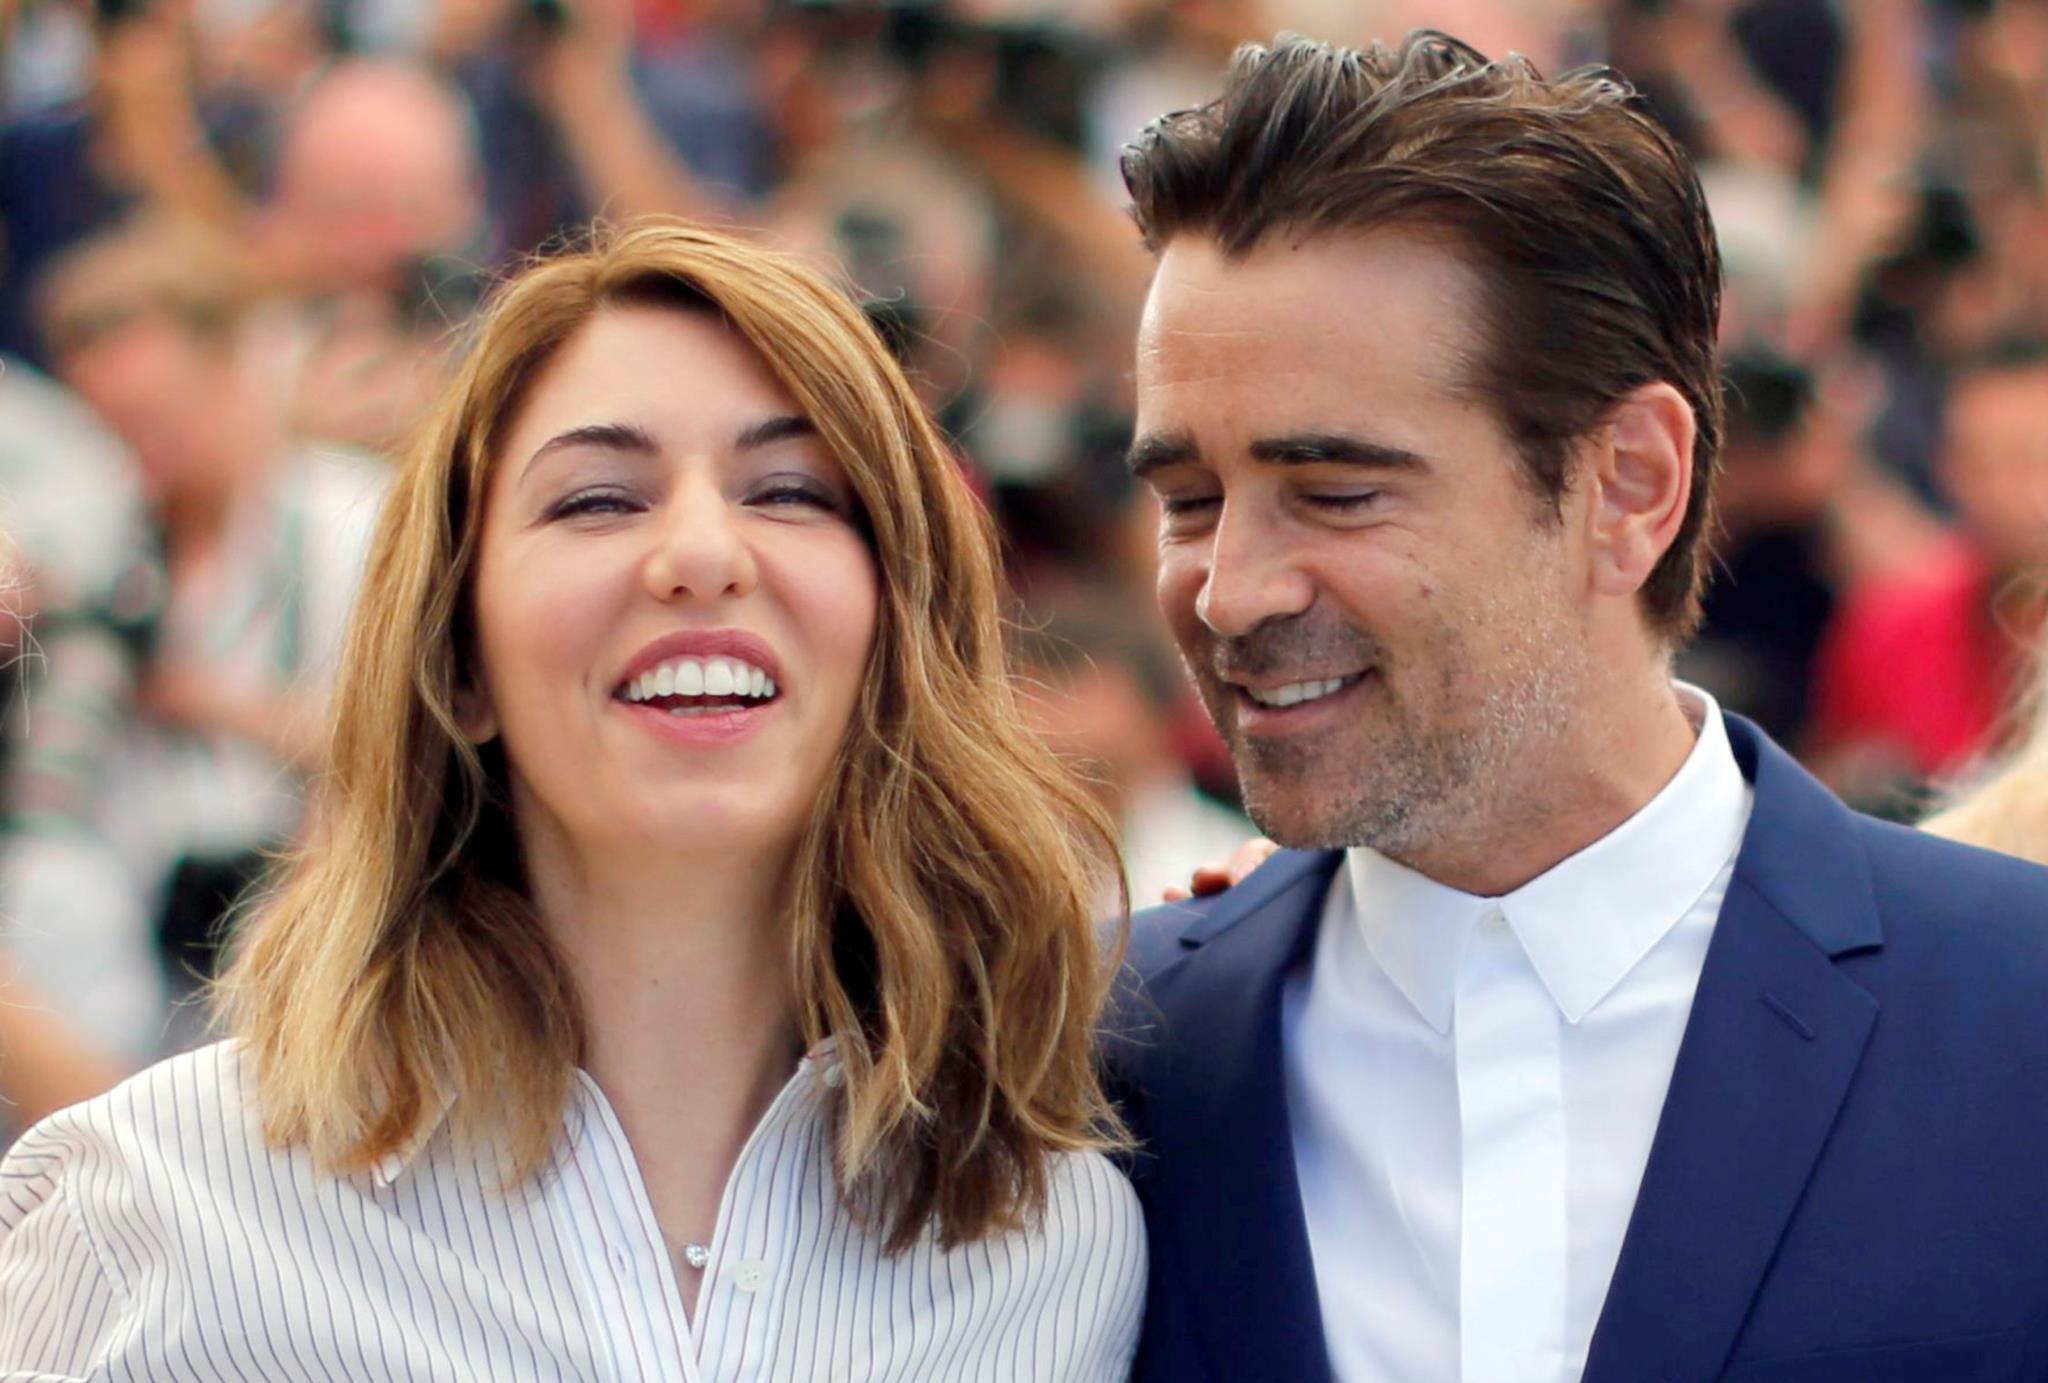 PÚBLICO - Sofia Coppola: um filme elegante sobre a castração